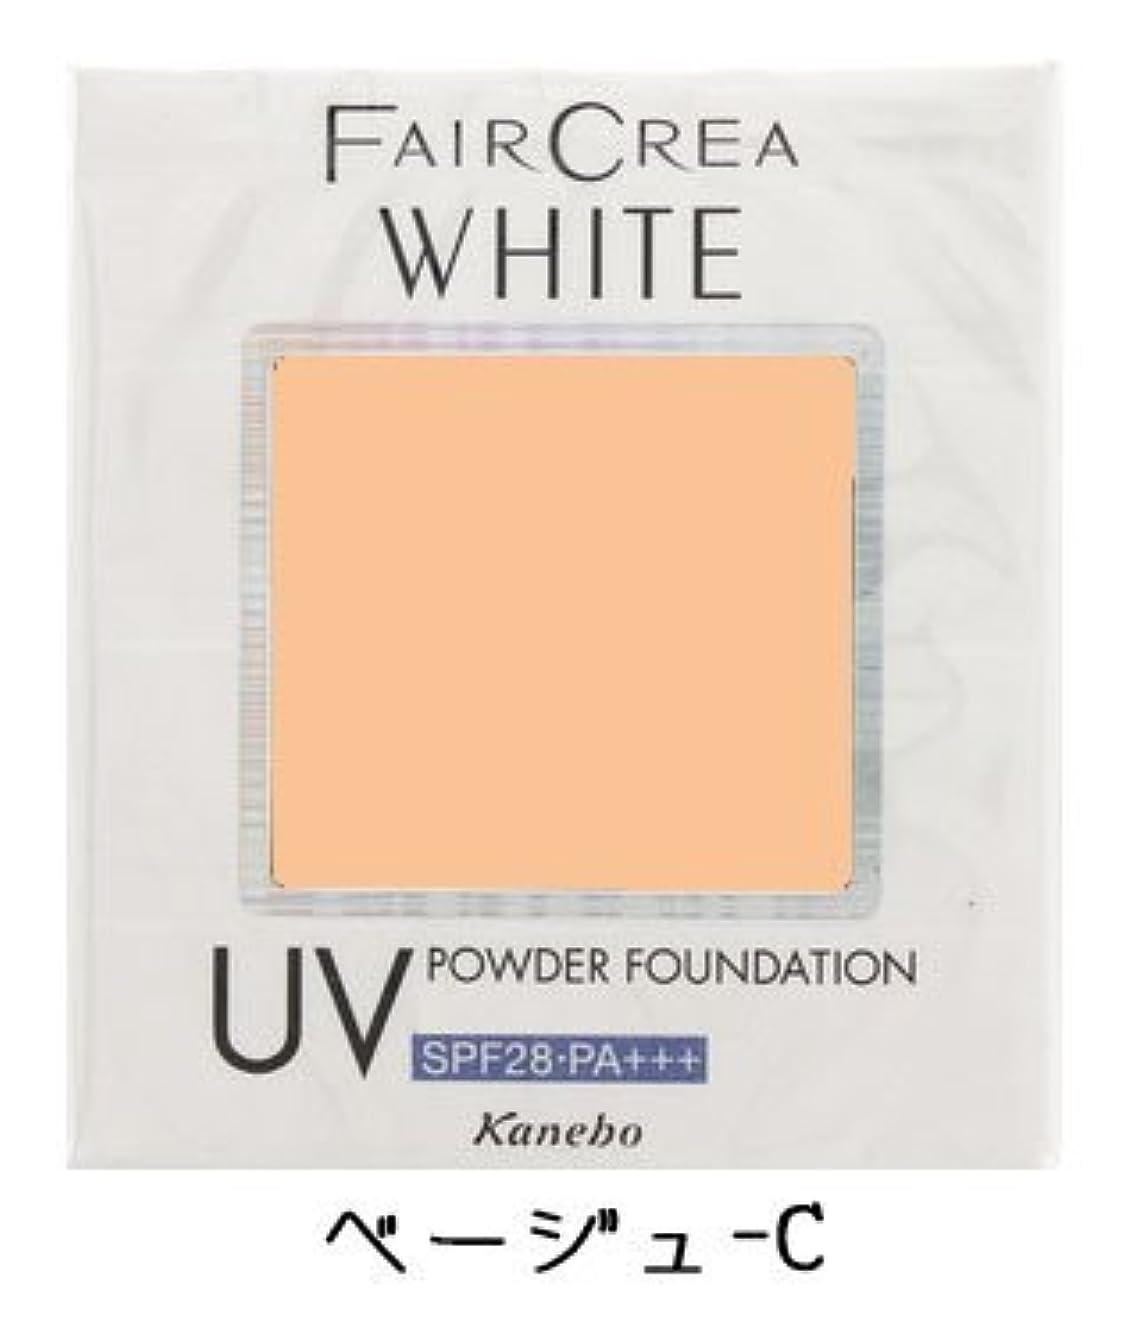 講義貼り直す真珠のようなカネボウ フェアクレア ホワイトUVパウダーファンデーション《10g》<カラー:ベージュC>